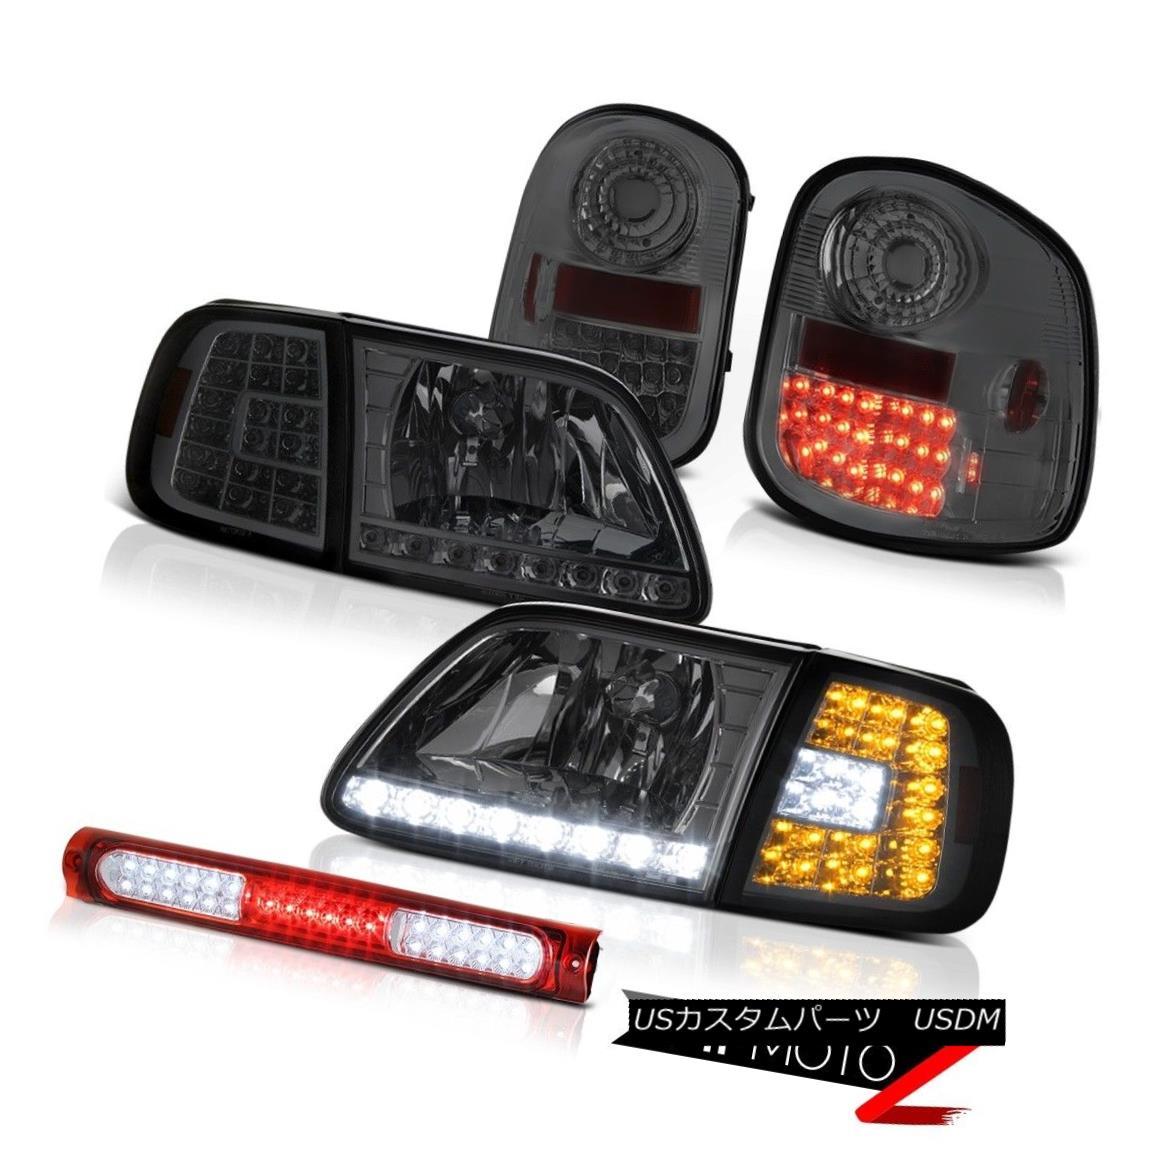 テールライト SMD Bumper+Headlights LED Taillights 3rd Brake Red 1997-2003 Ford F150 Flareside SMDバンパー+ヘッドライト hts LEDテールライト第3ブレーキ赤1997-2003 Ford F150 Flareside